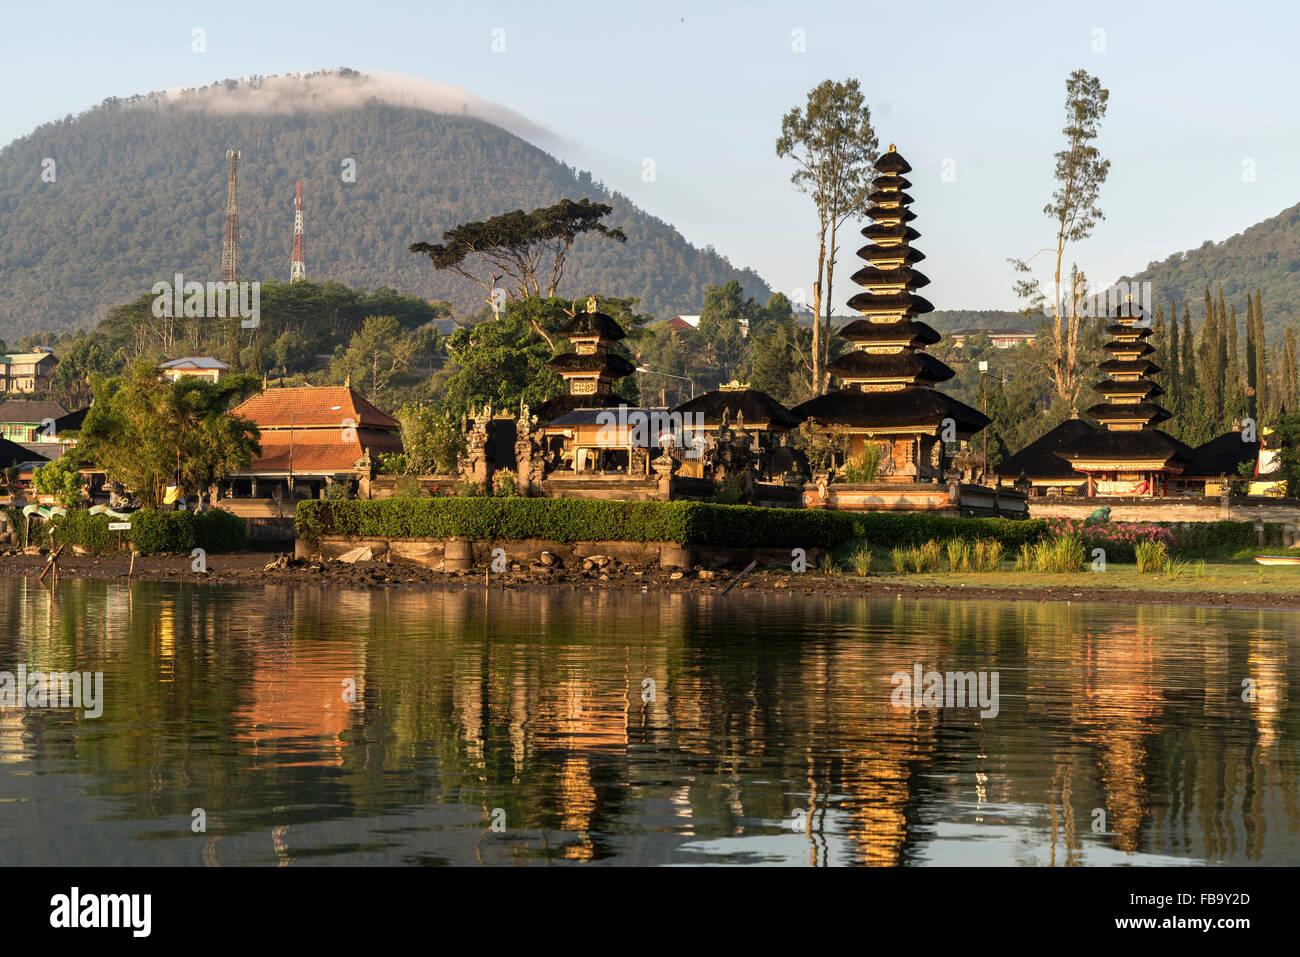 Le principali Shivaite e tempio di acqua pura Ulun Danu Bratan sulle rive del lago Bratan, Bedugul, Bali, Indonesia Immagini Stock